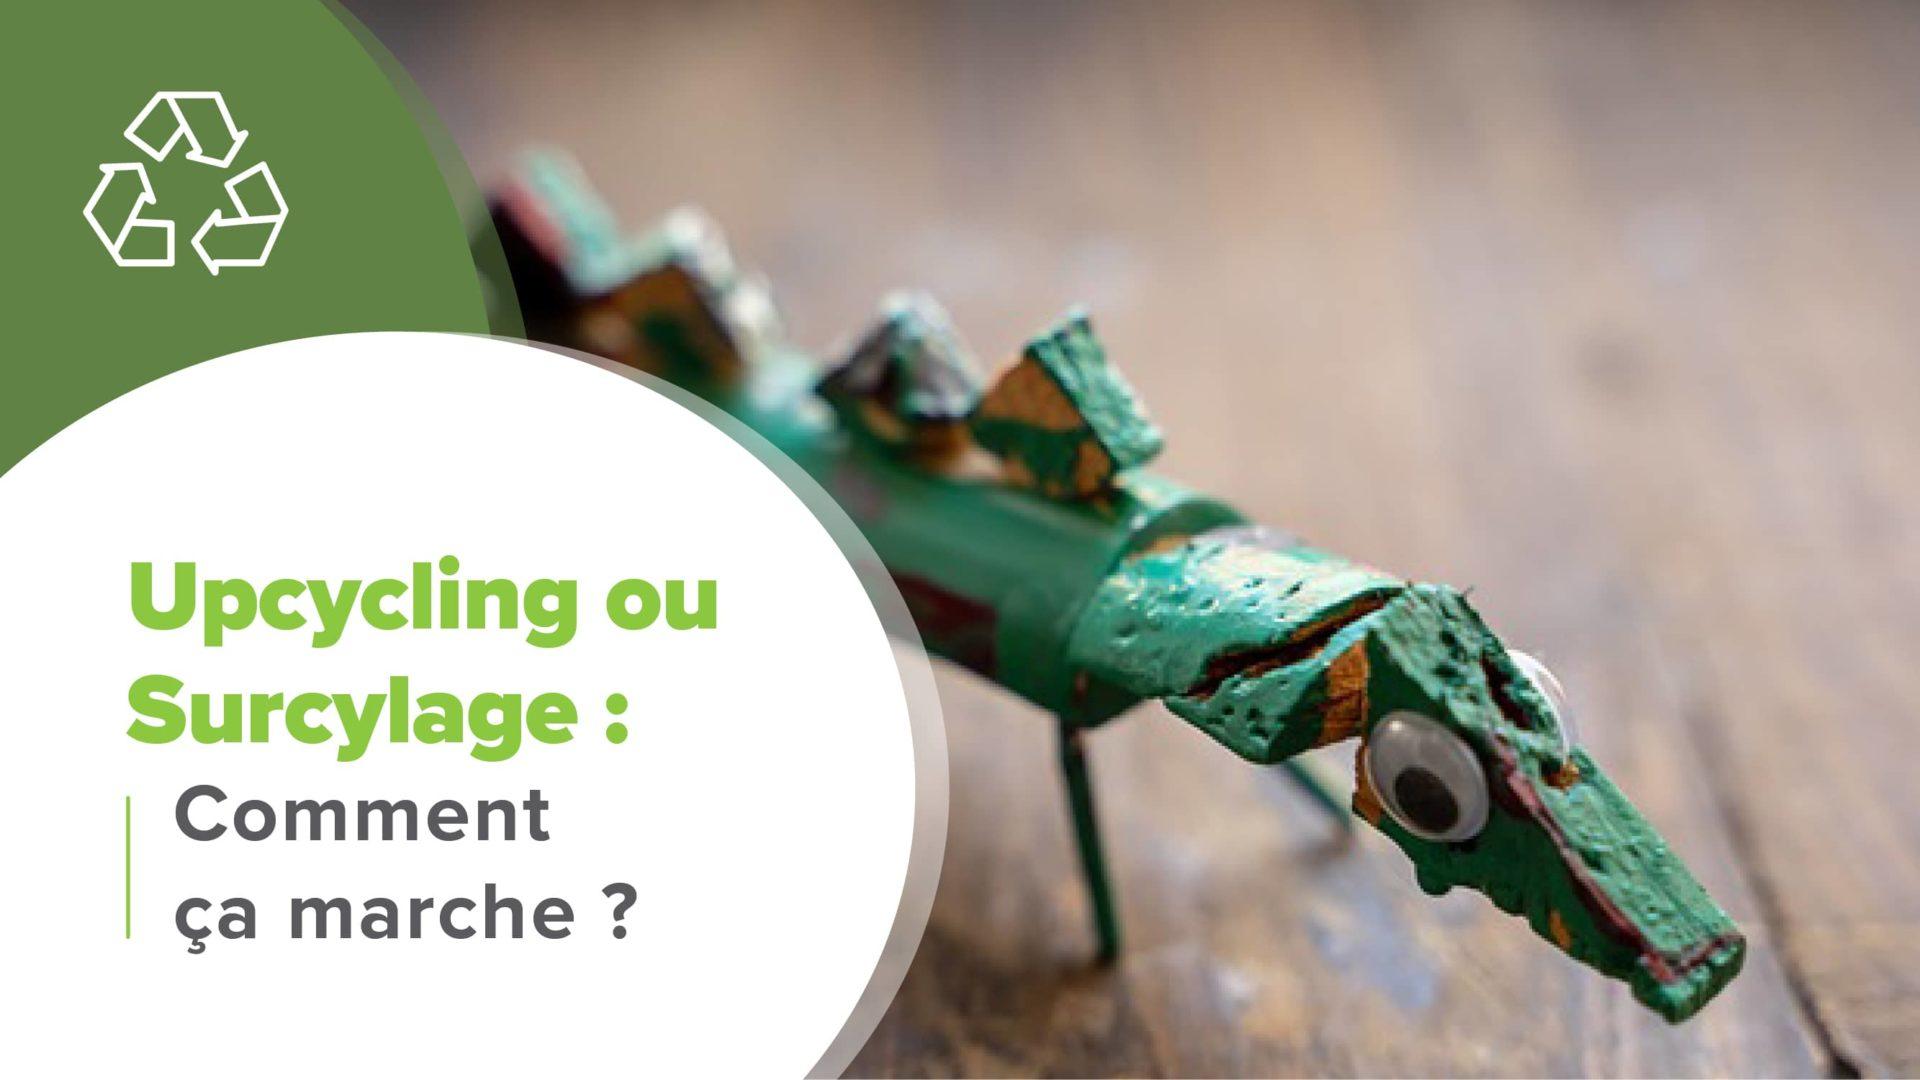 Upcycling ou Surcyclage, Upcycling ou Surcyclage | Comment ça marche ?